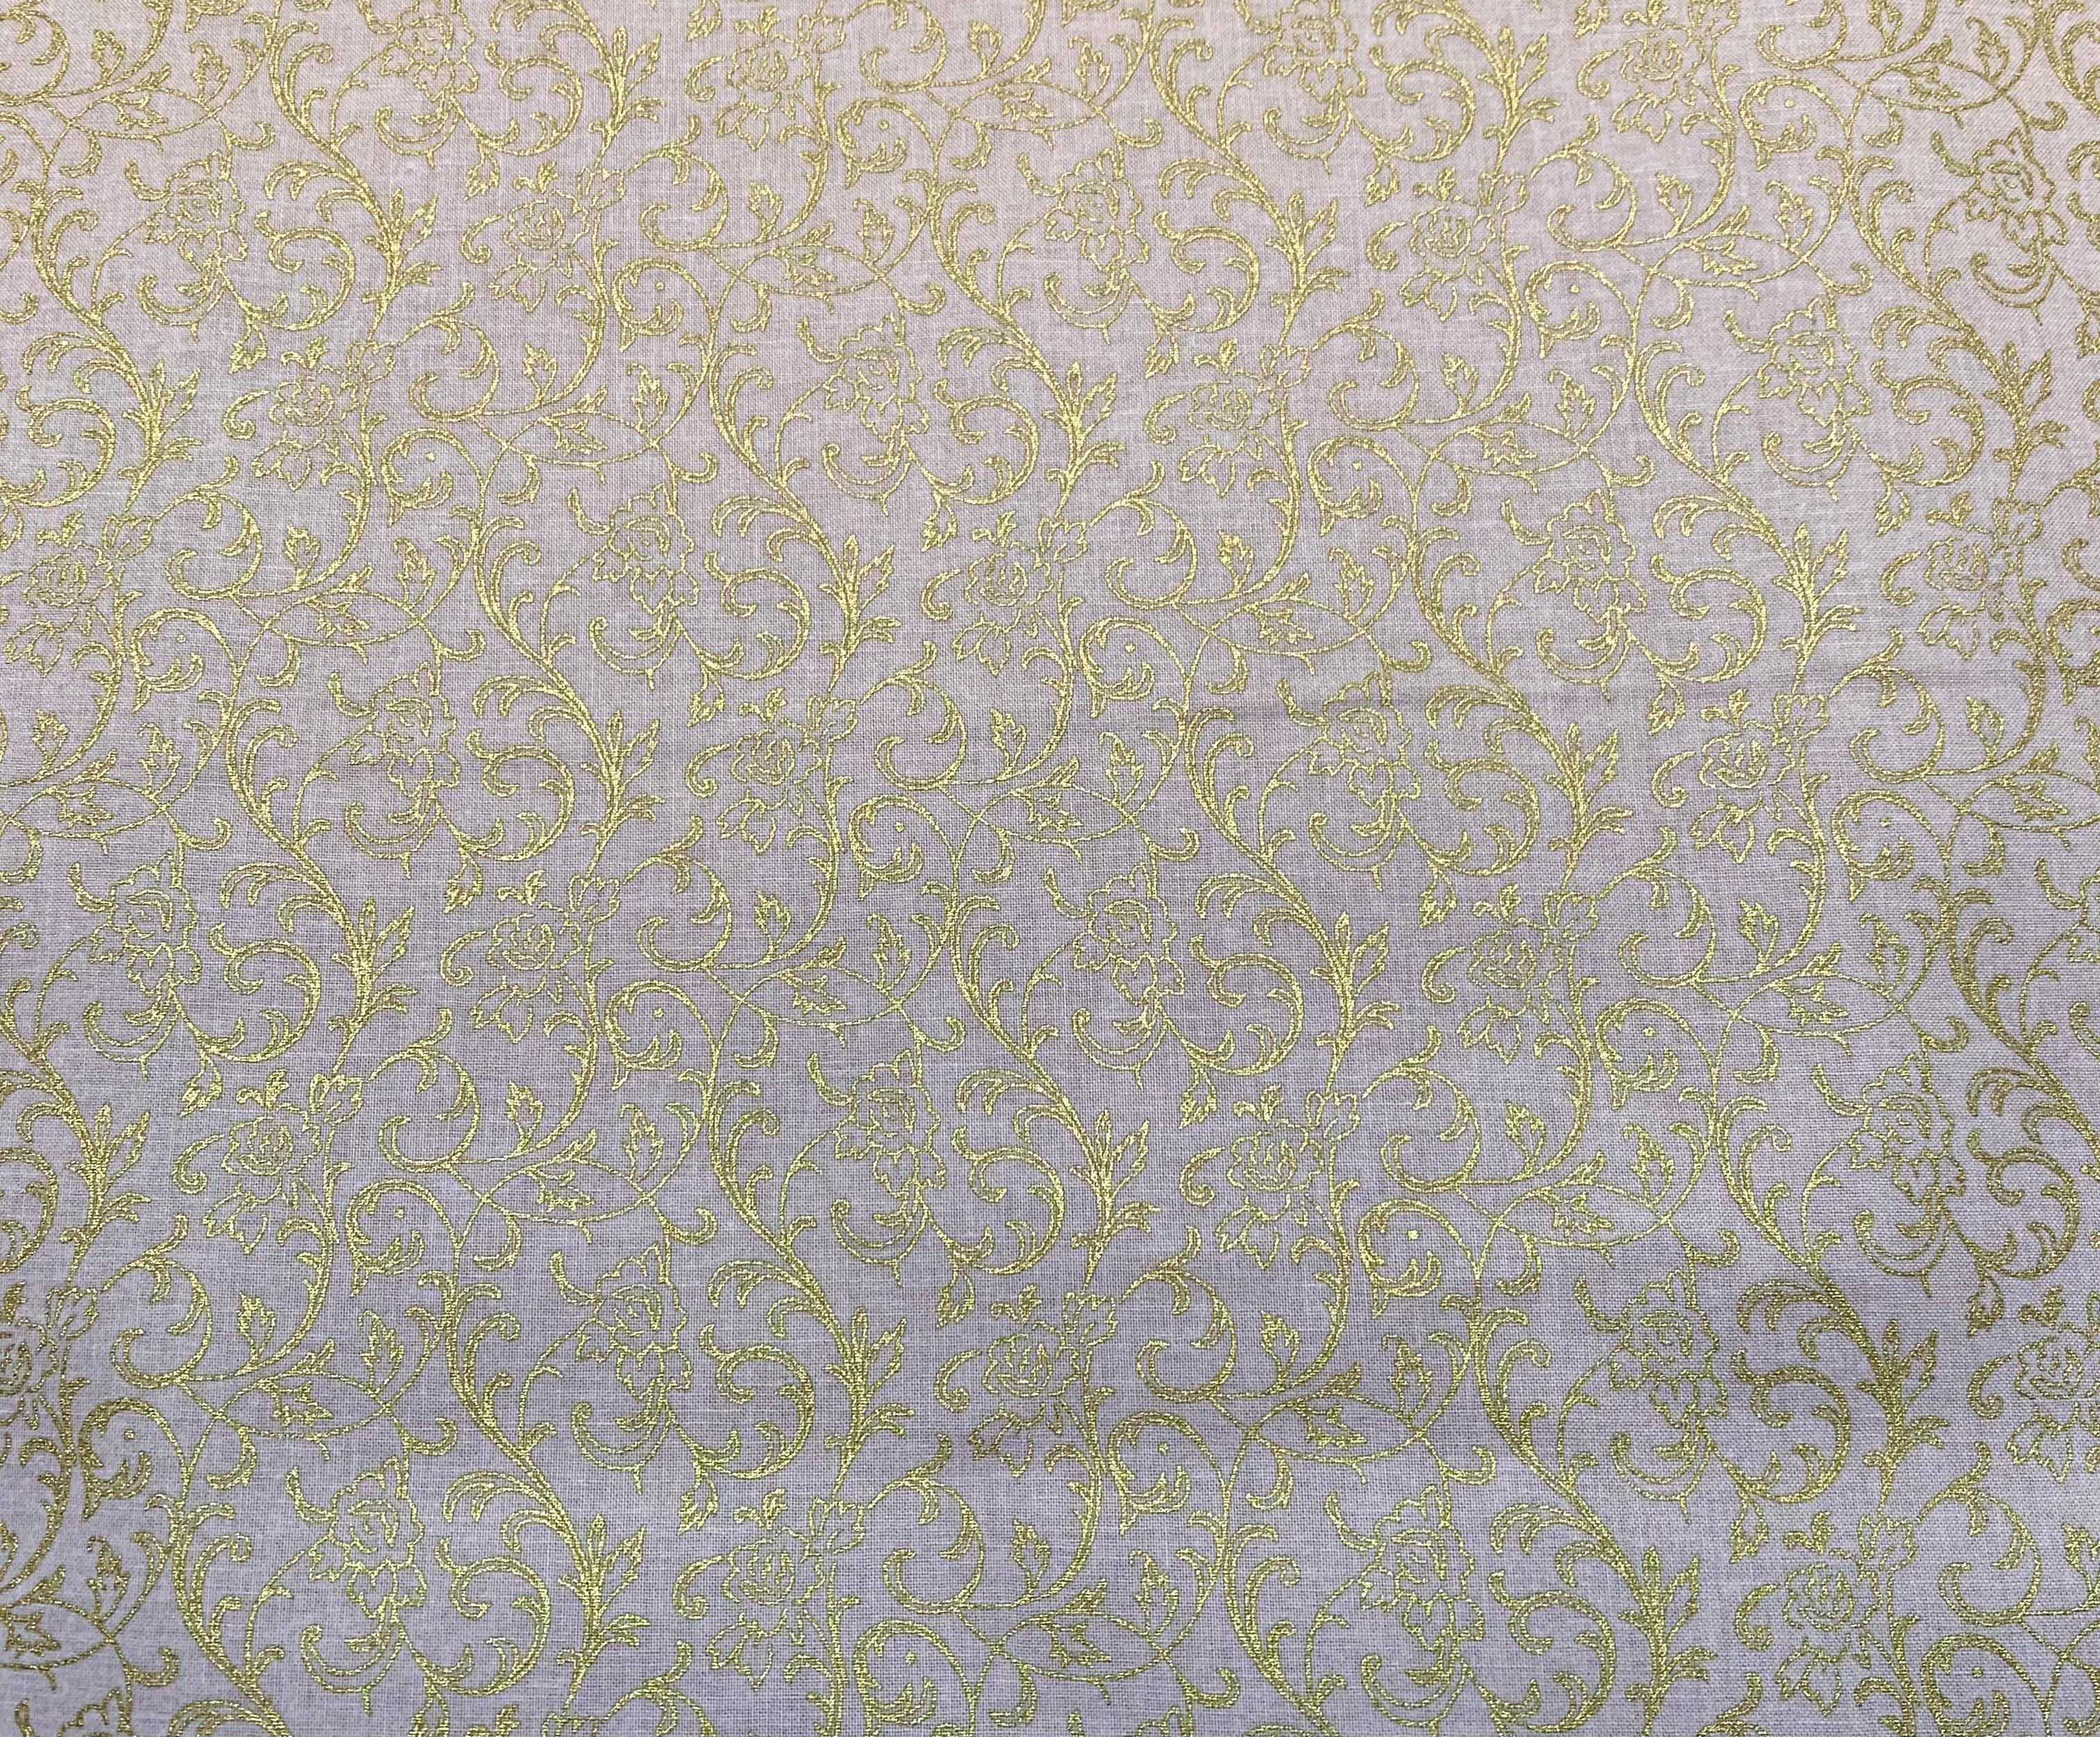 Gold Filigree on Tan - 1/2m cut 57720